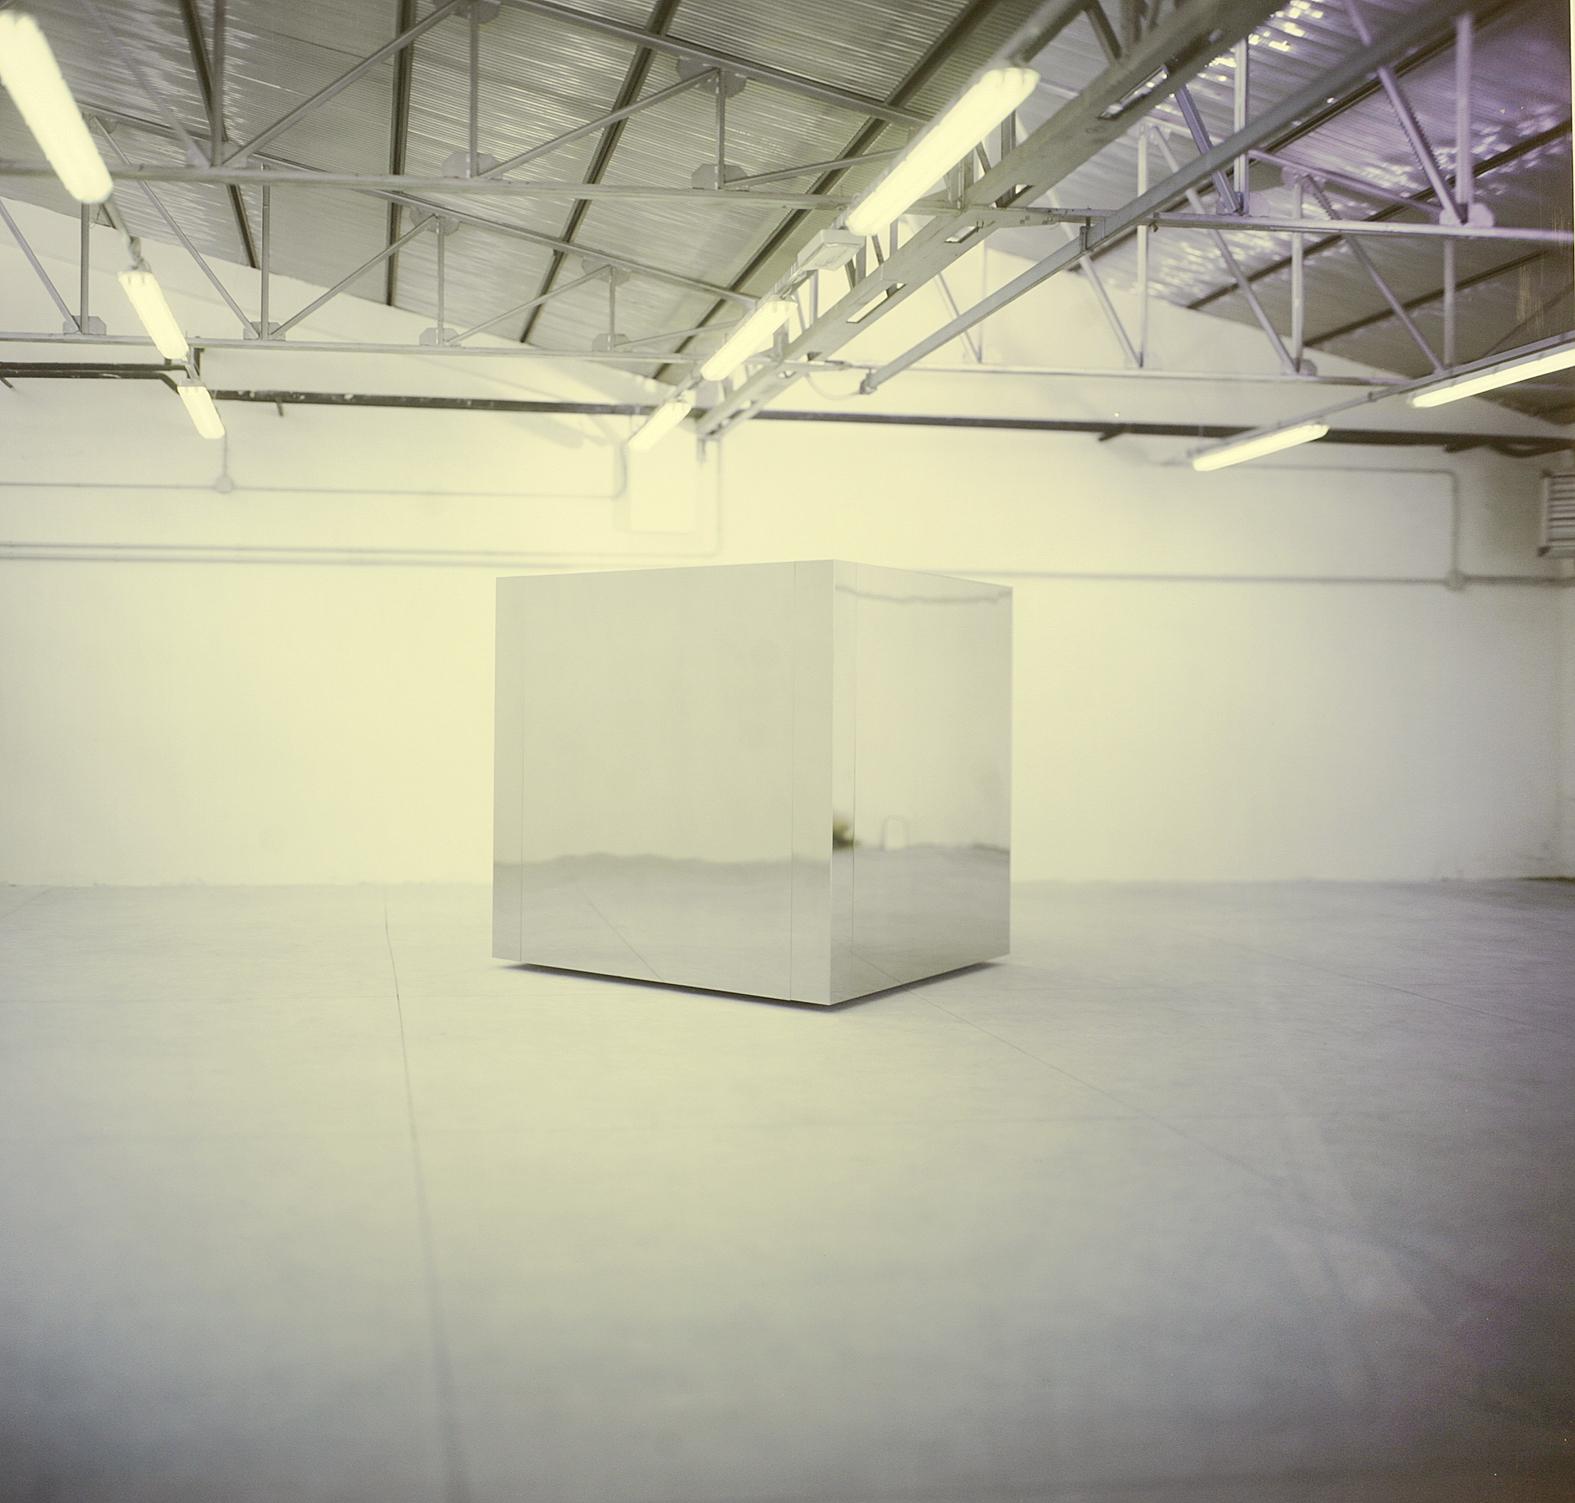 Christian Martinelli, Cubo in acciaio inox